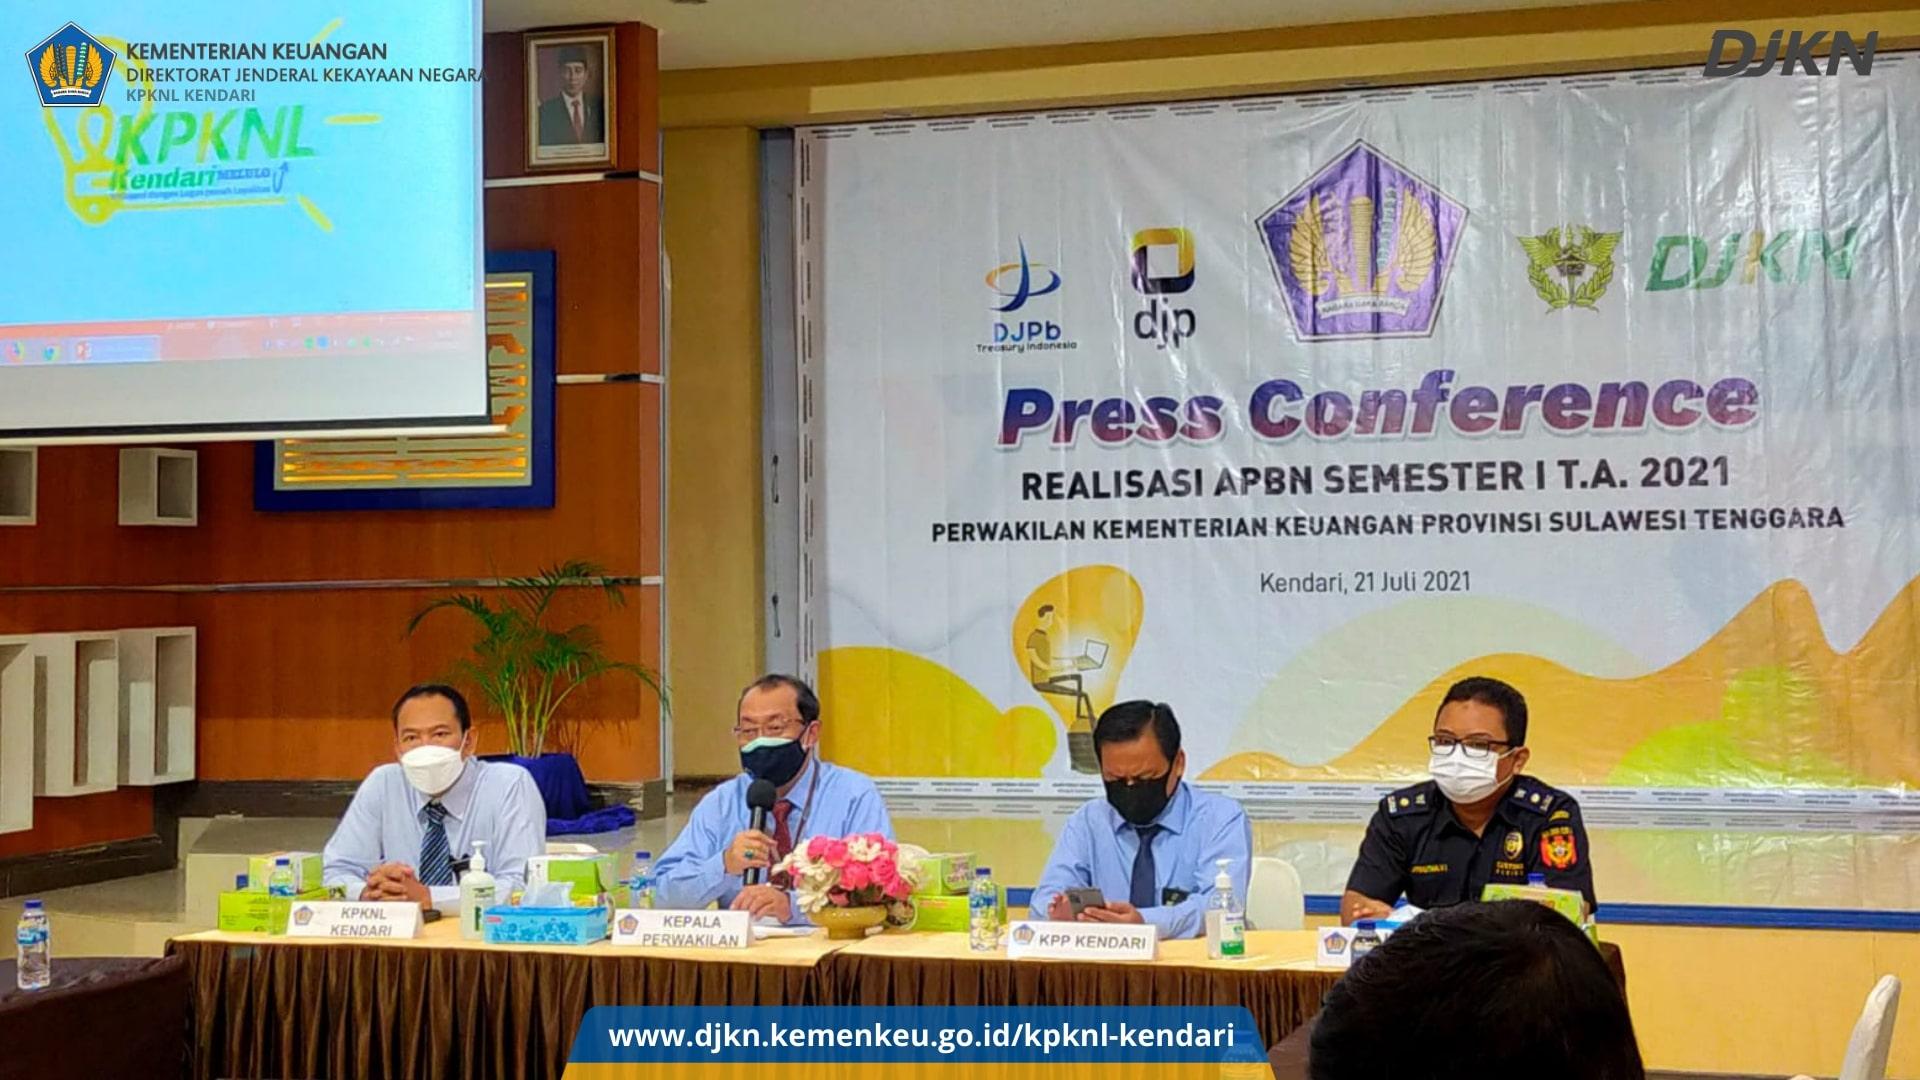 KPKNL Kendari Menghadiri Pers Confrence Bersama Perwakilan Kemenkeu Sultra